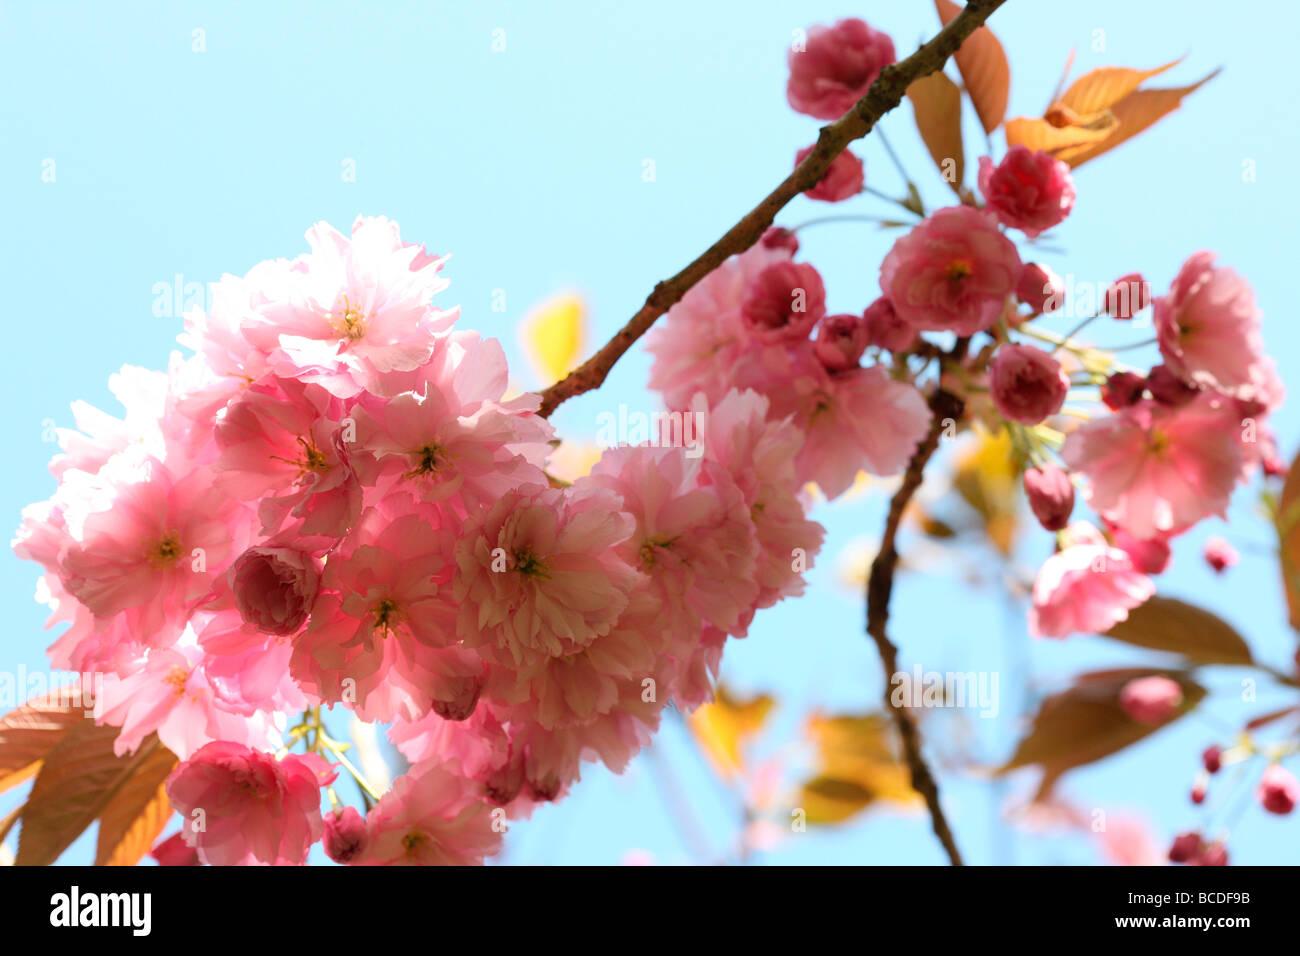 Un assaggio di primavera prunus cherry blossom arte fotografia Jane Ann Butler JABP Fotografia454 Immagini Stock